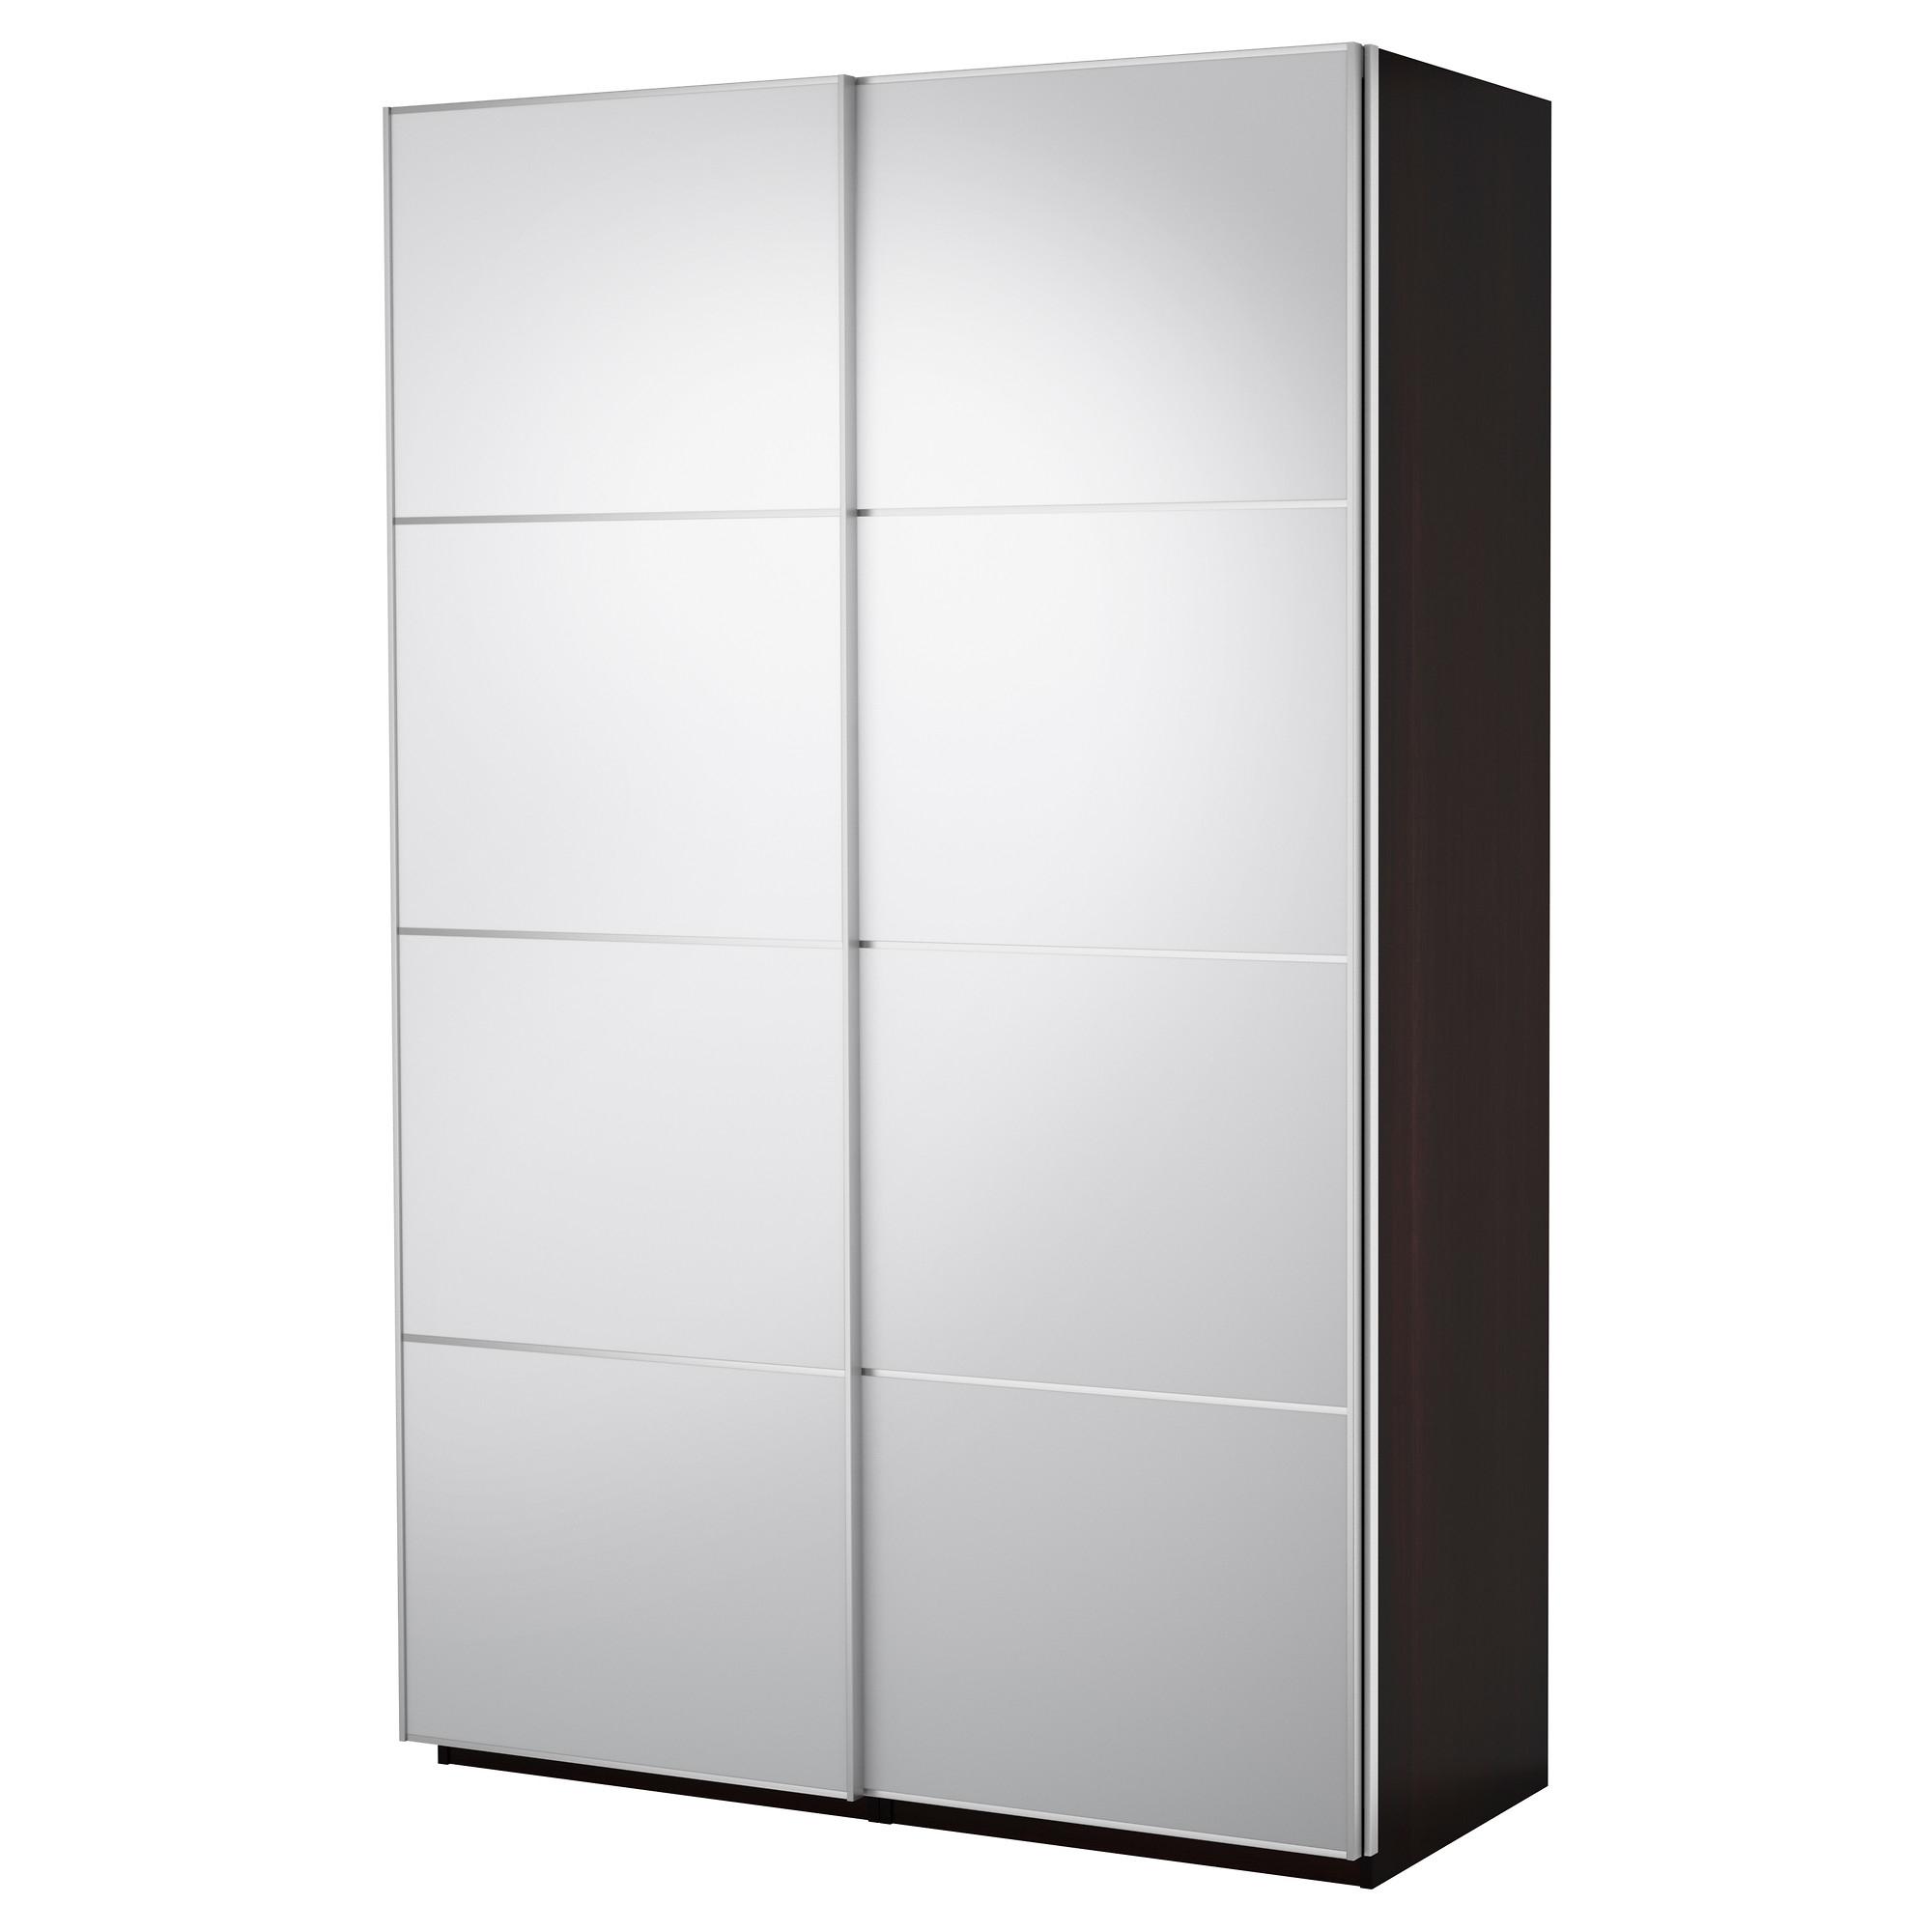 casa de este alojamiento armario pax ikea puertas correderas. Black Bedroom Furniture Sets. Home Design Ideas